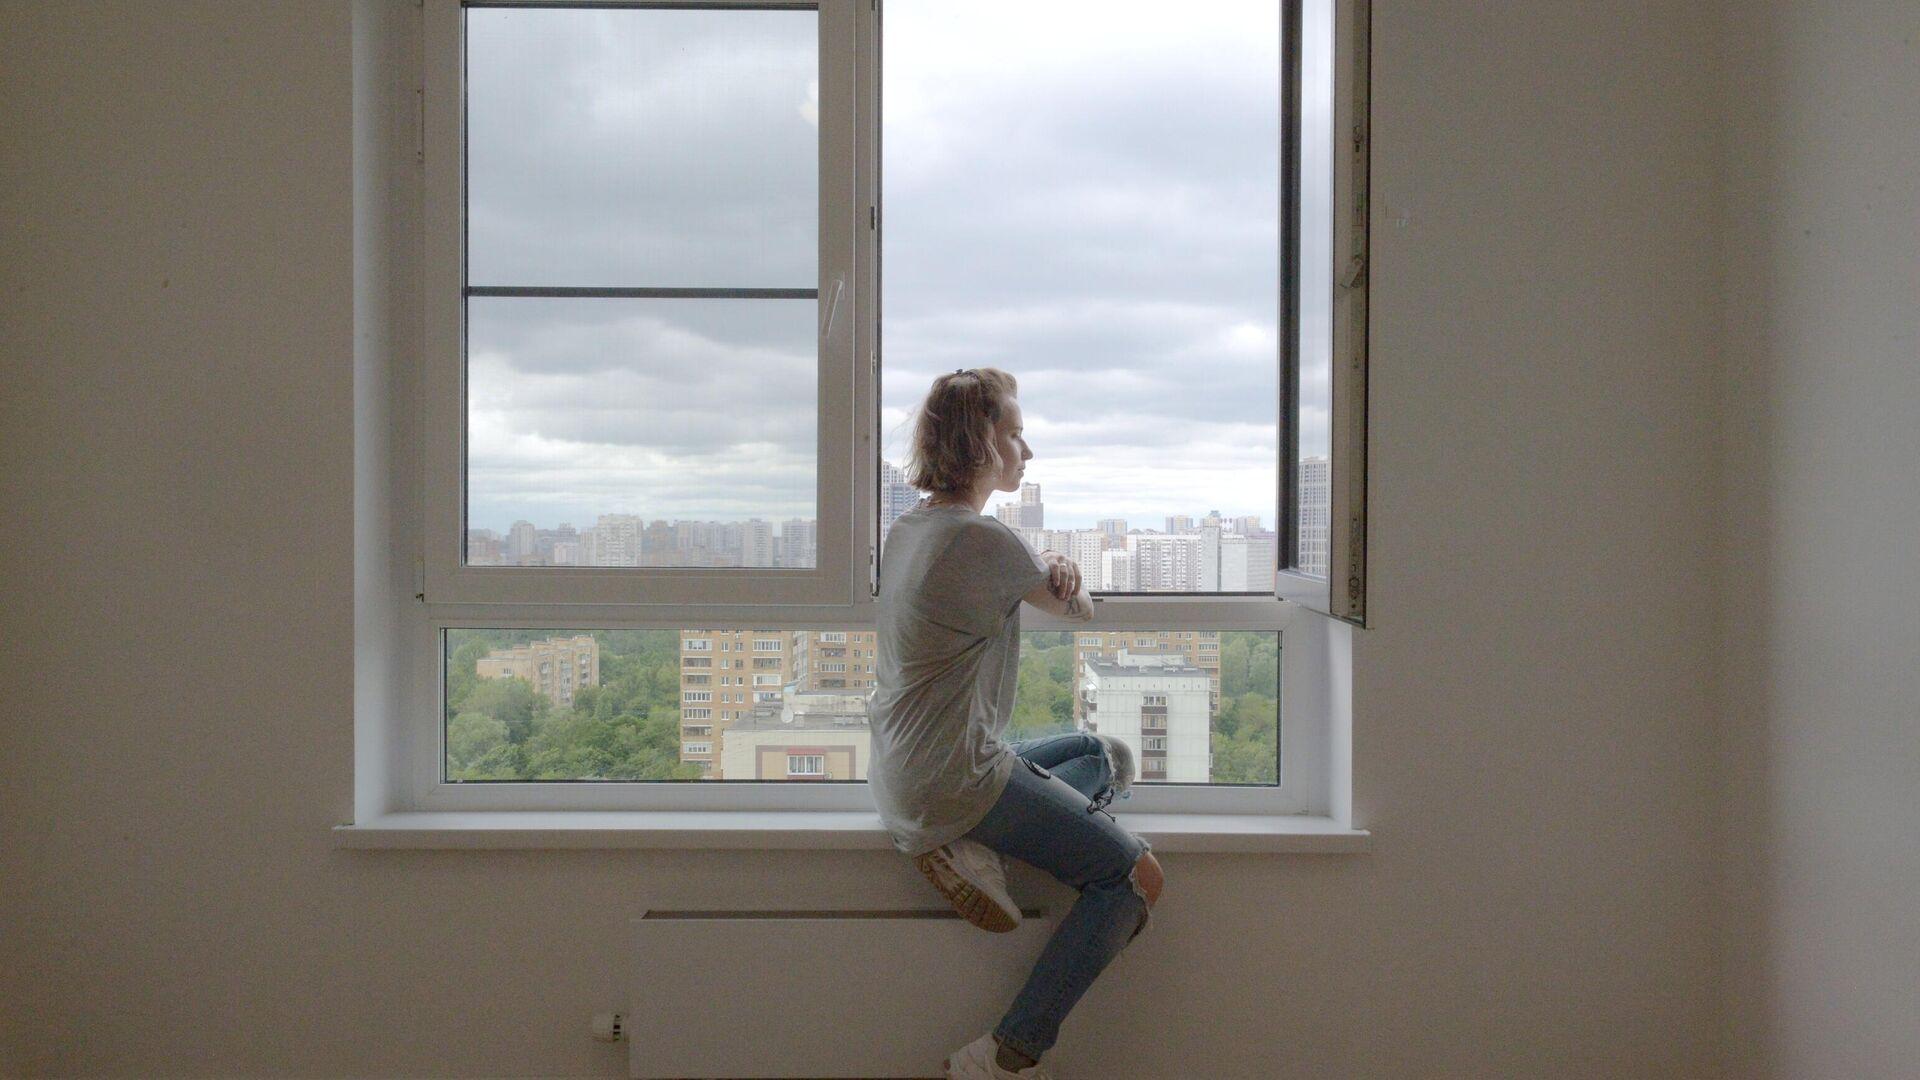 Дом, введенный по программе реновации жилищного фонда - РИА Новости, 1920, 01.09.2021